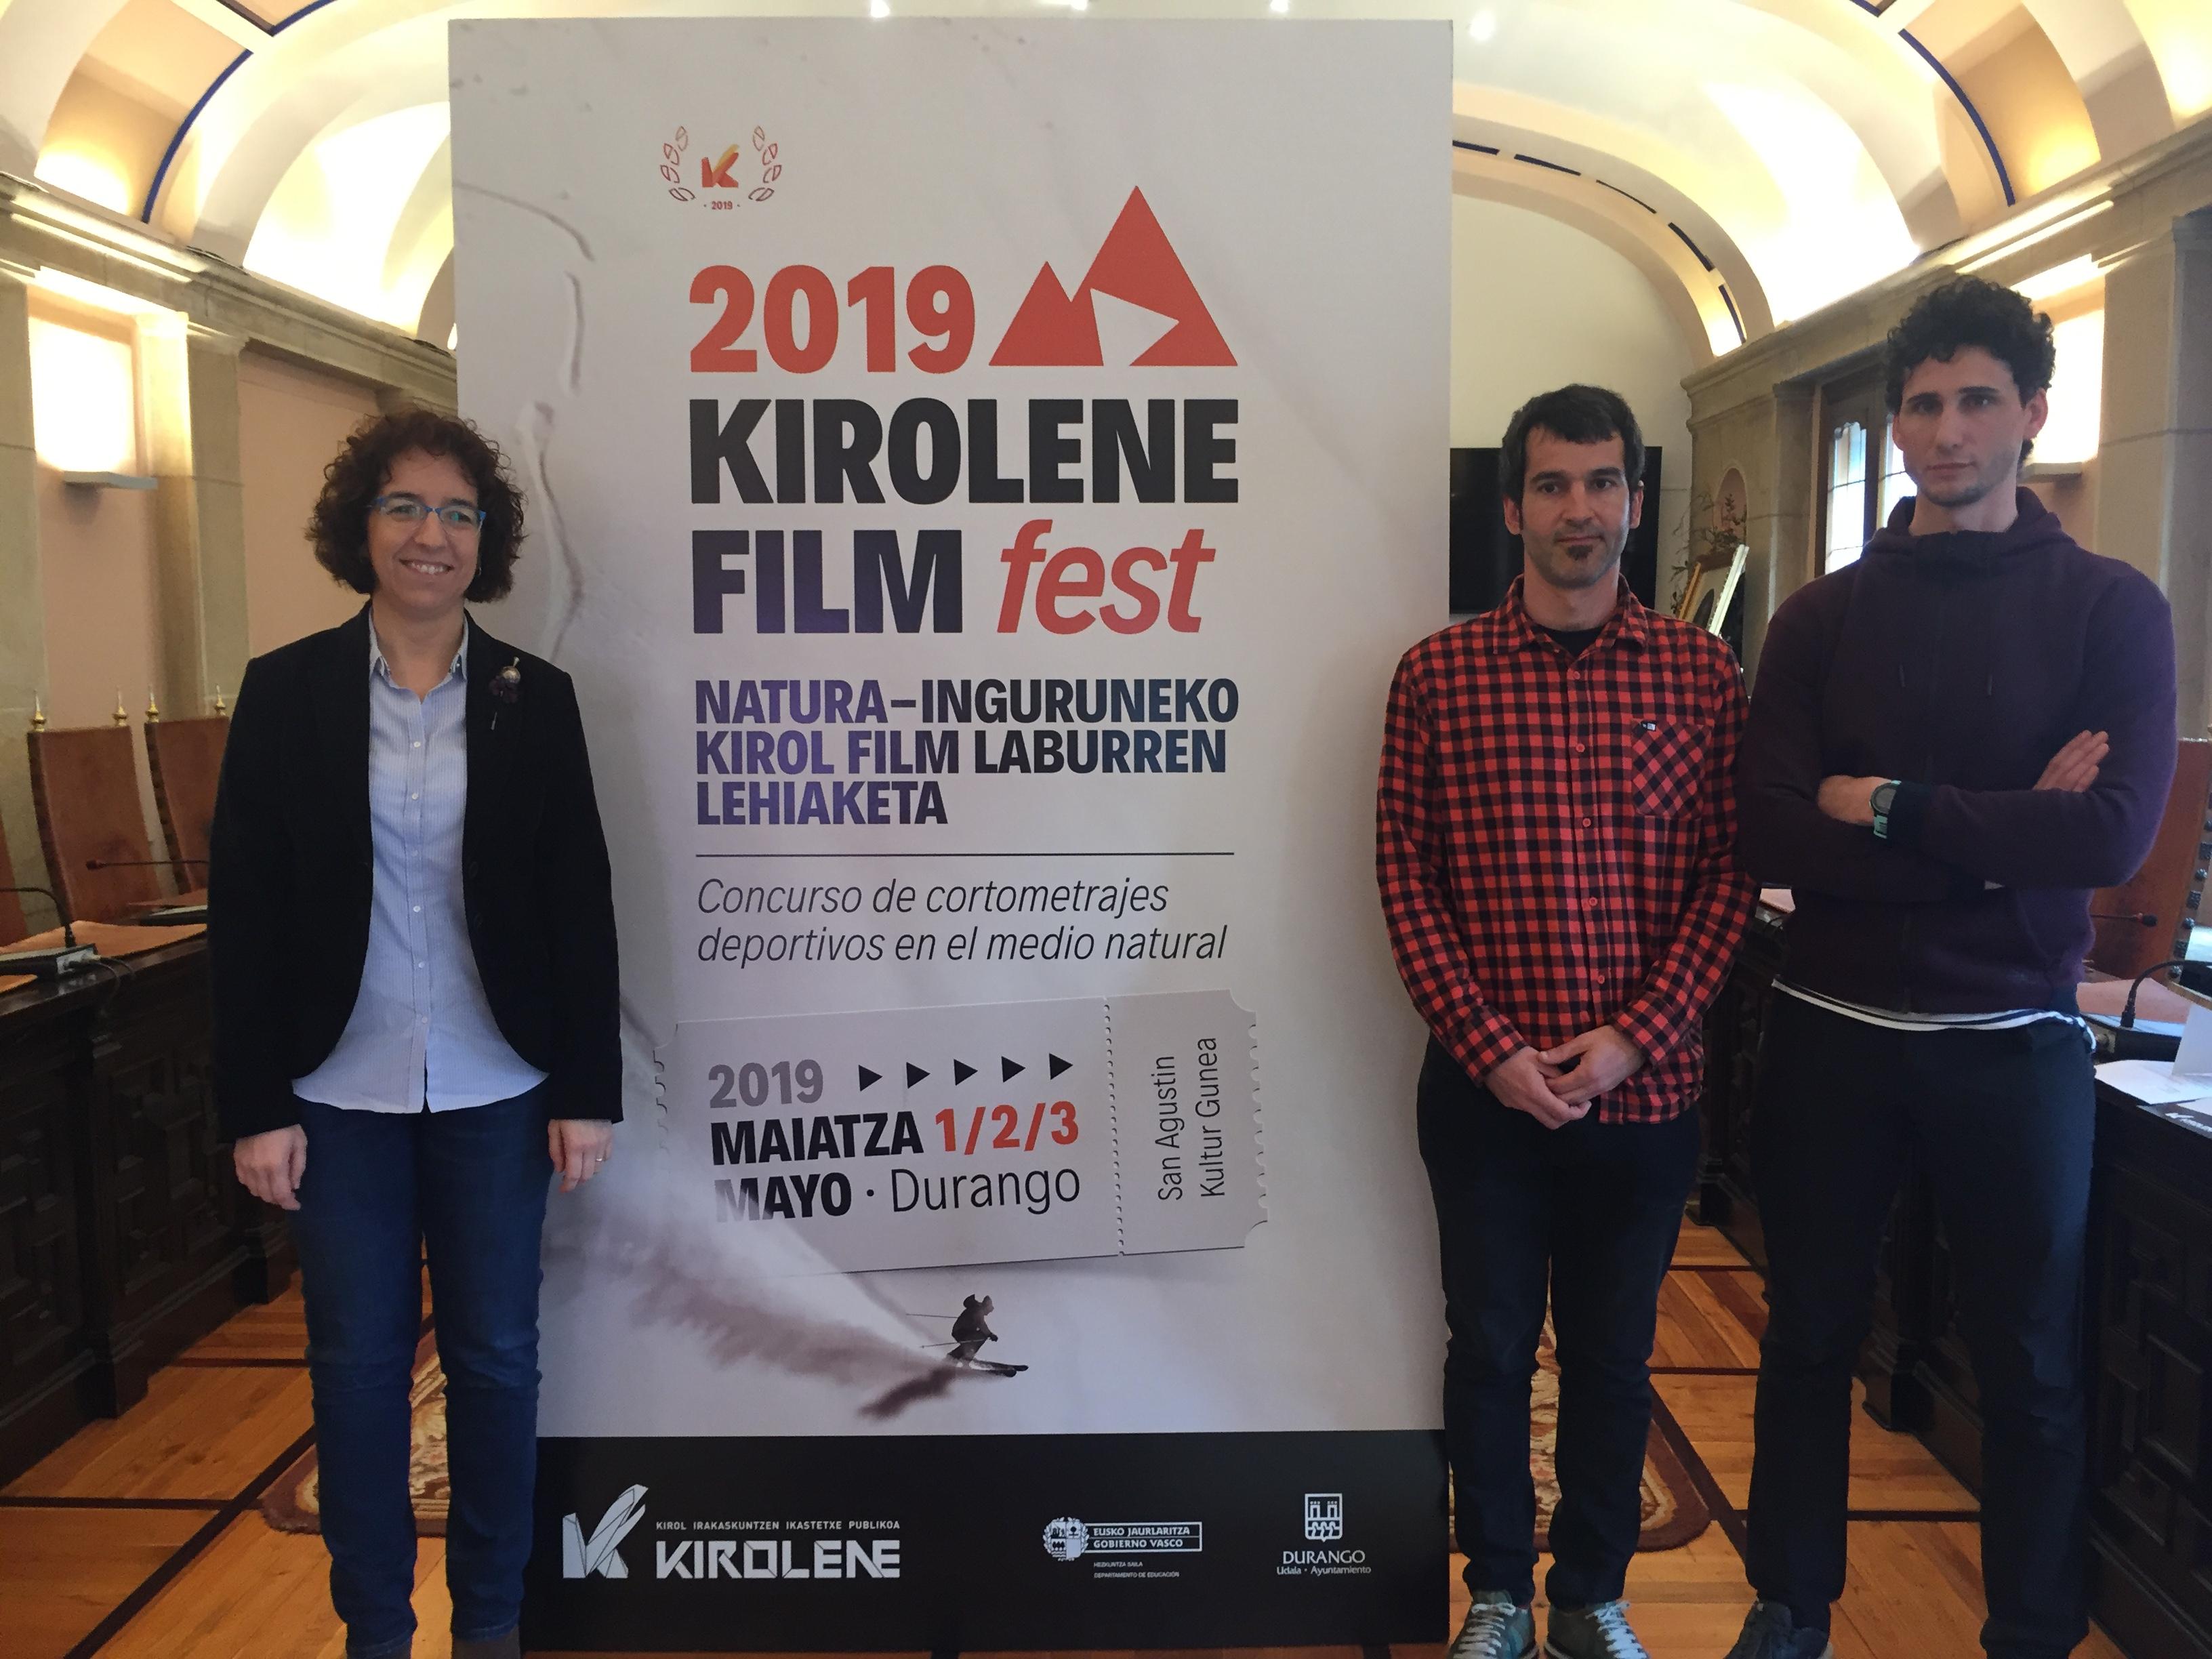 Kirolene_Film_Fest_2019.jpg